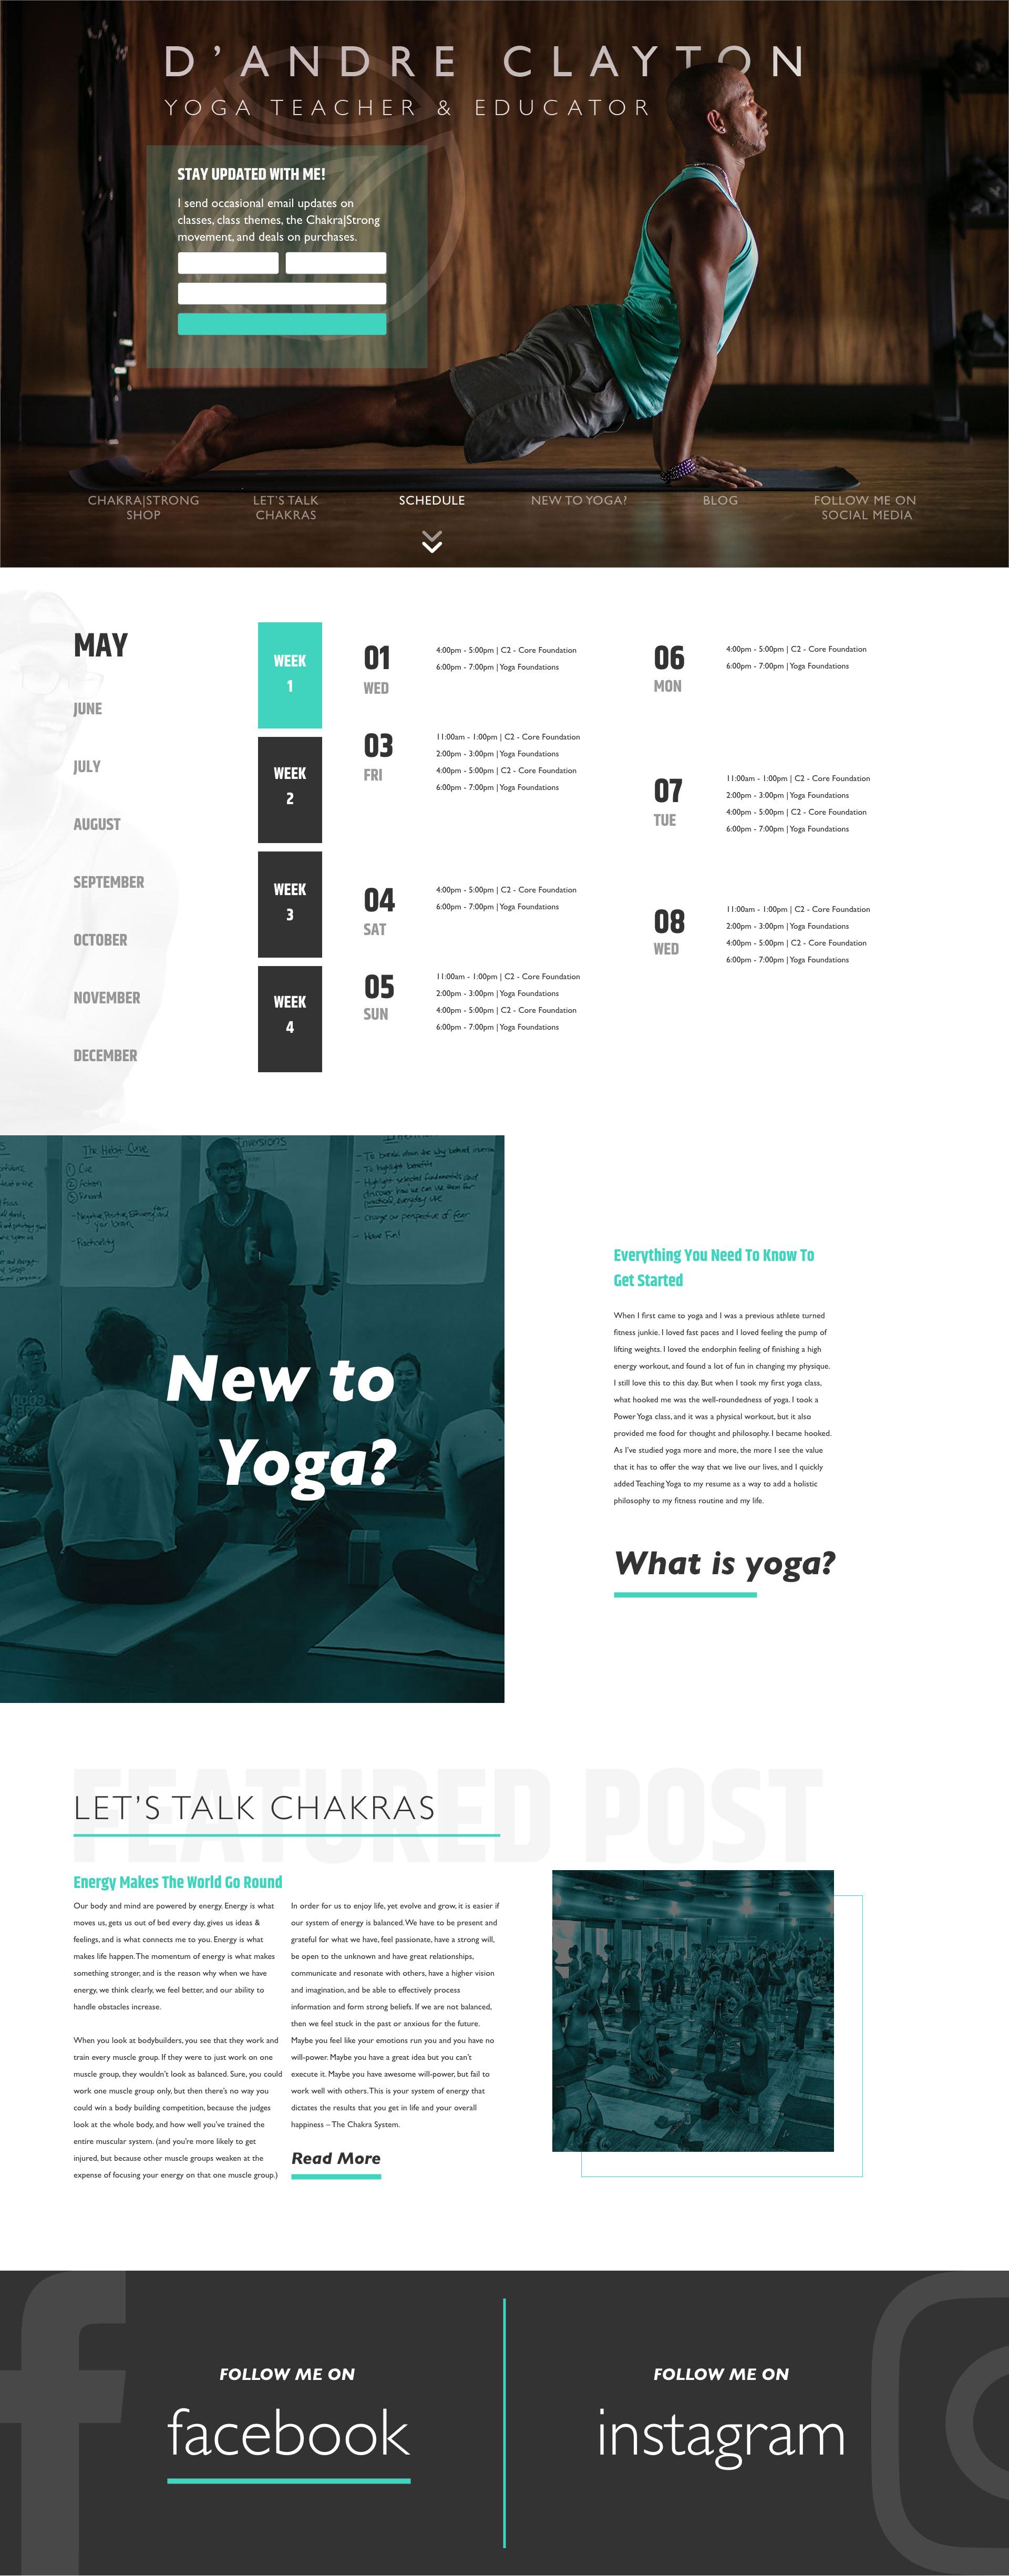 Yoga Teacher & Educator Web Design